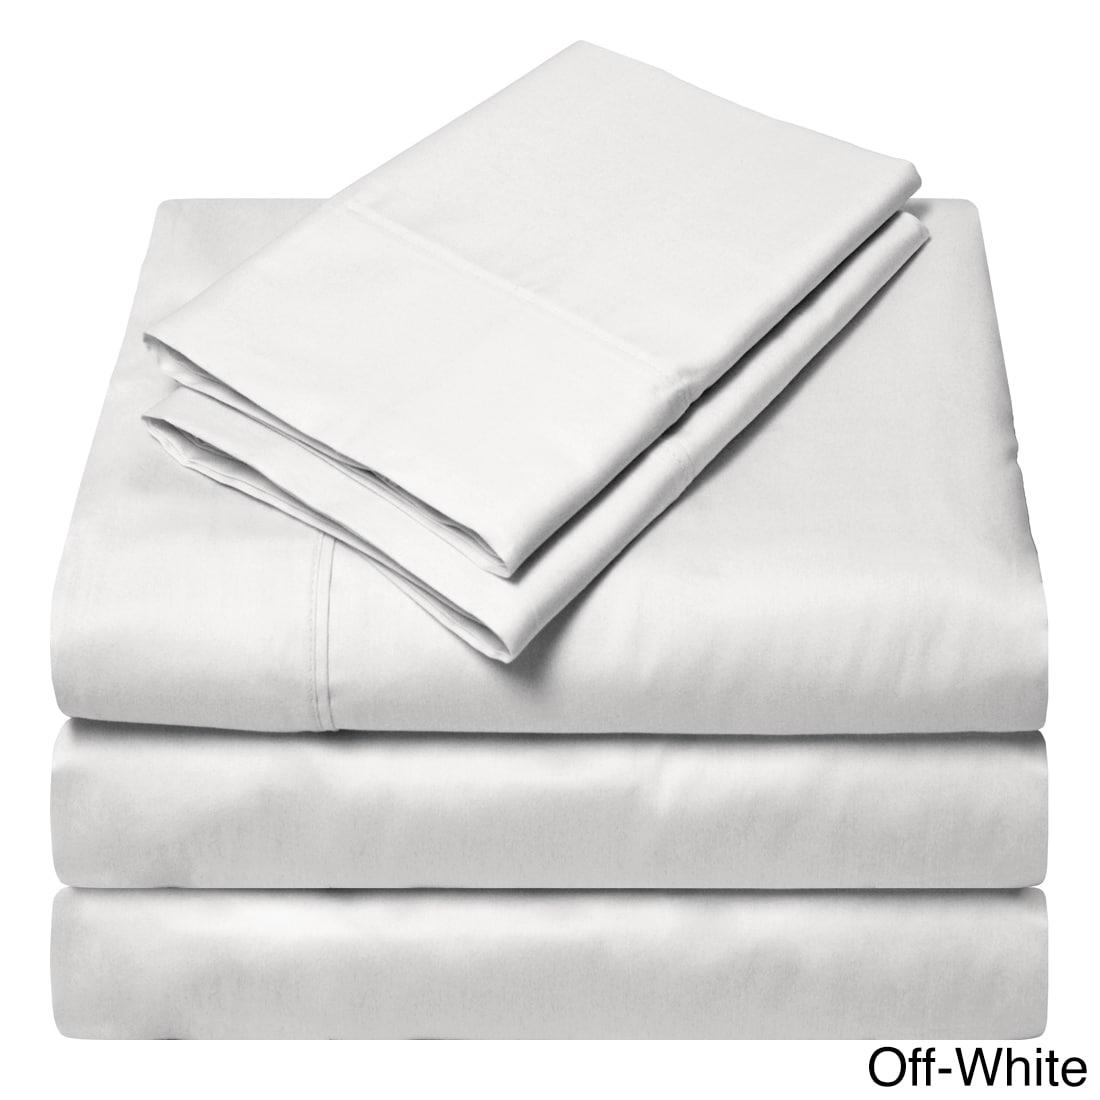 Luxurious Egyptian Cotton 300 Thread Count Split King Size Sheet Set